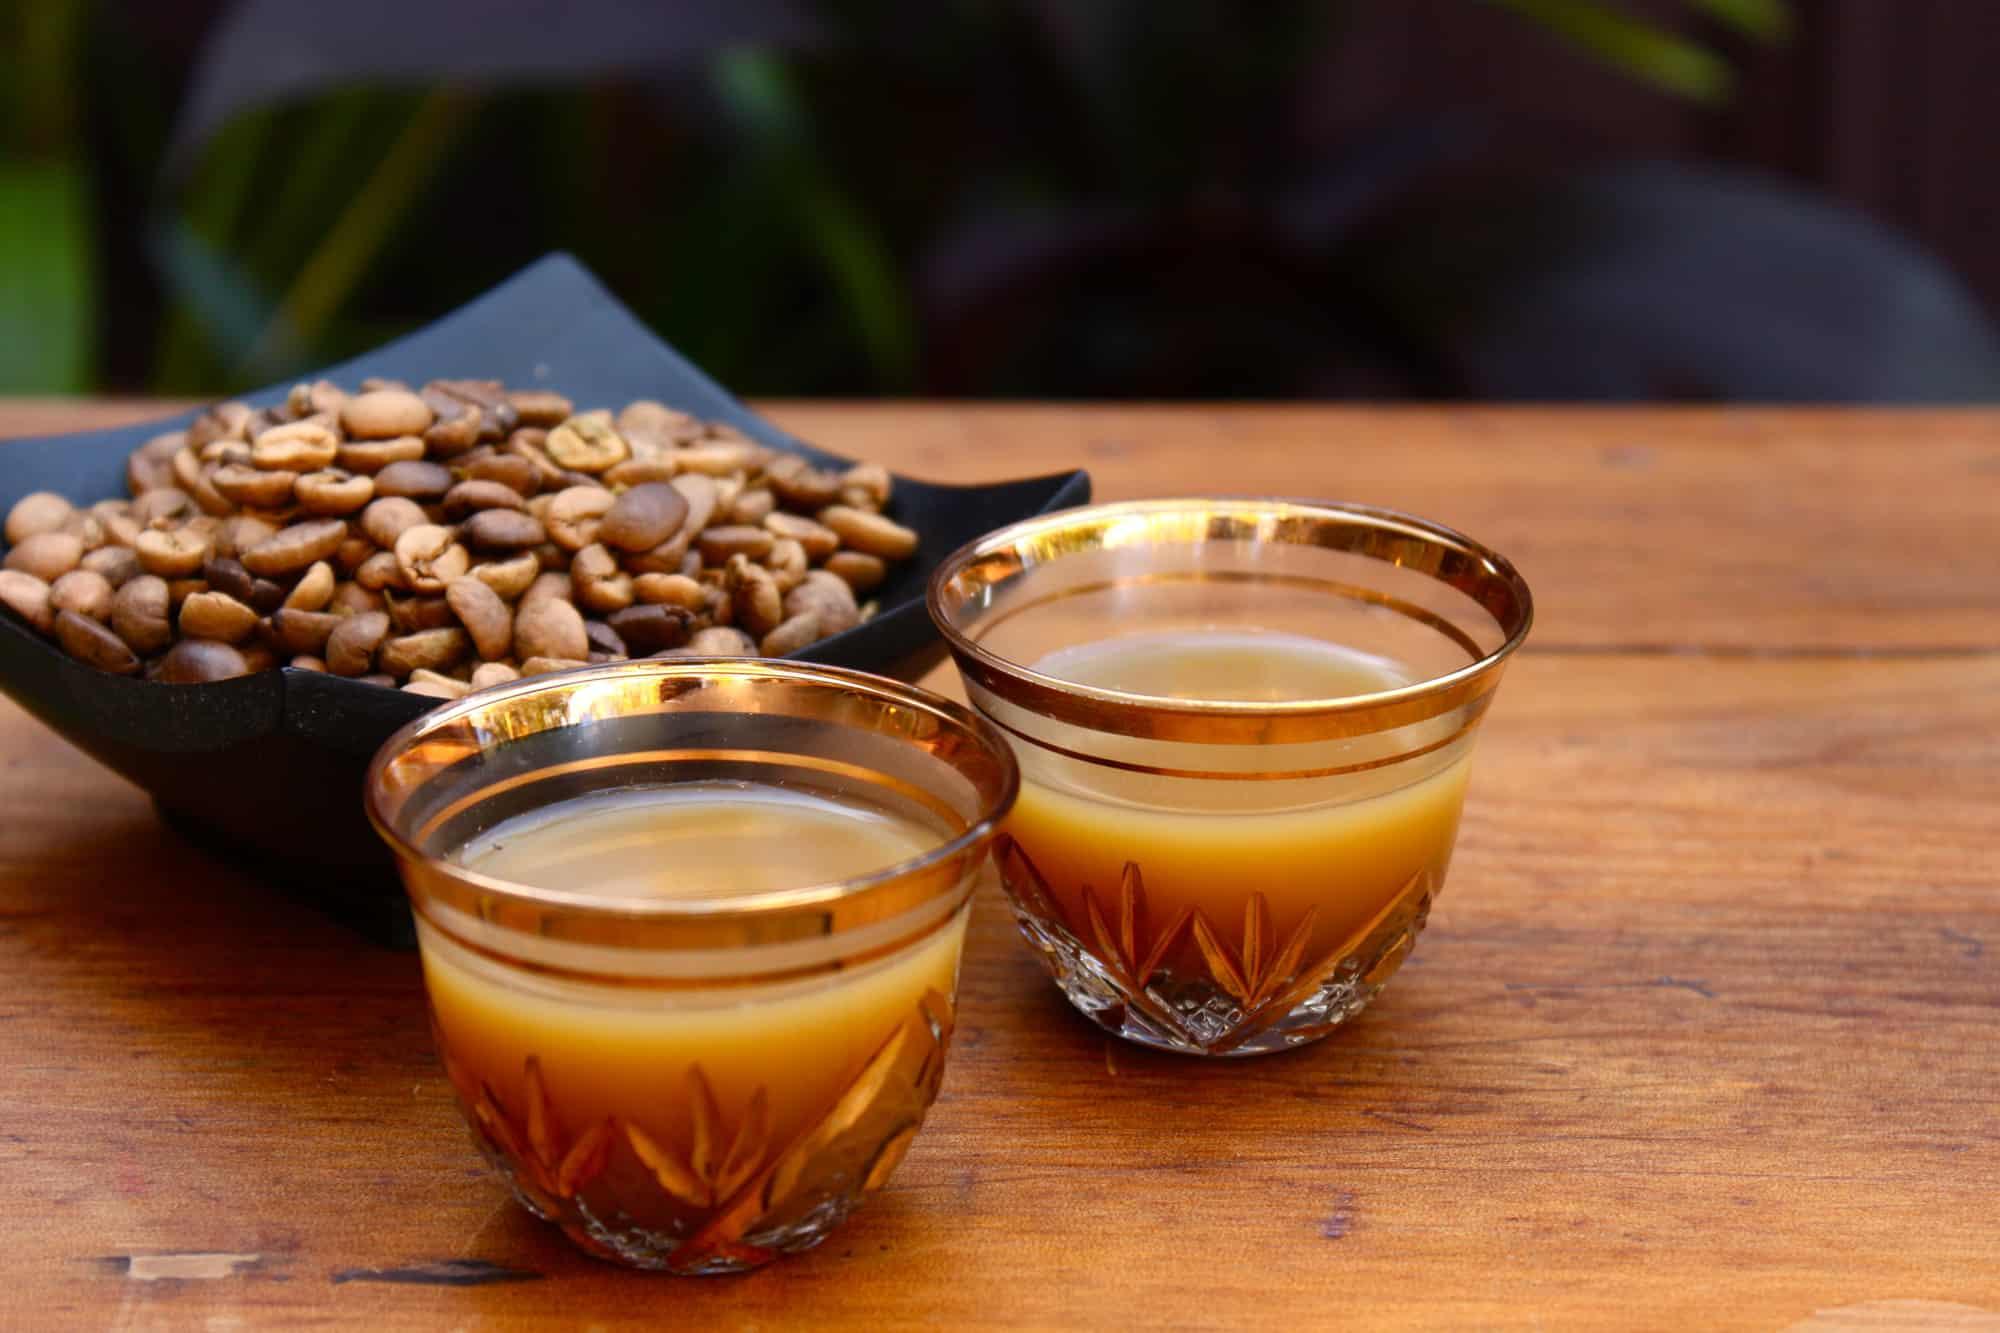 القهوة العربية - كرم الضيافة وتجسيد الأصالة التاريخية في تقاليد القهوة العربية